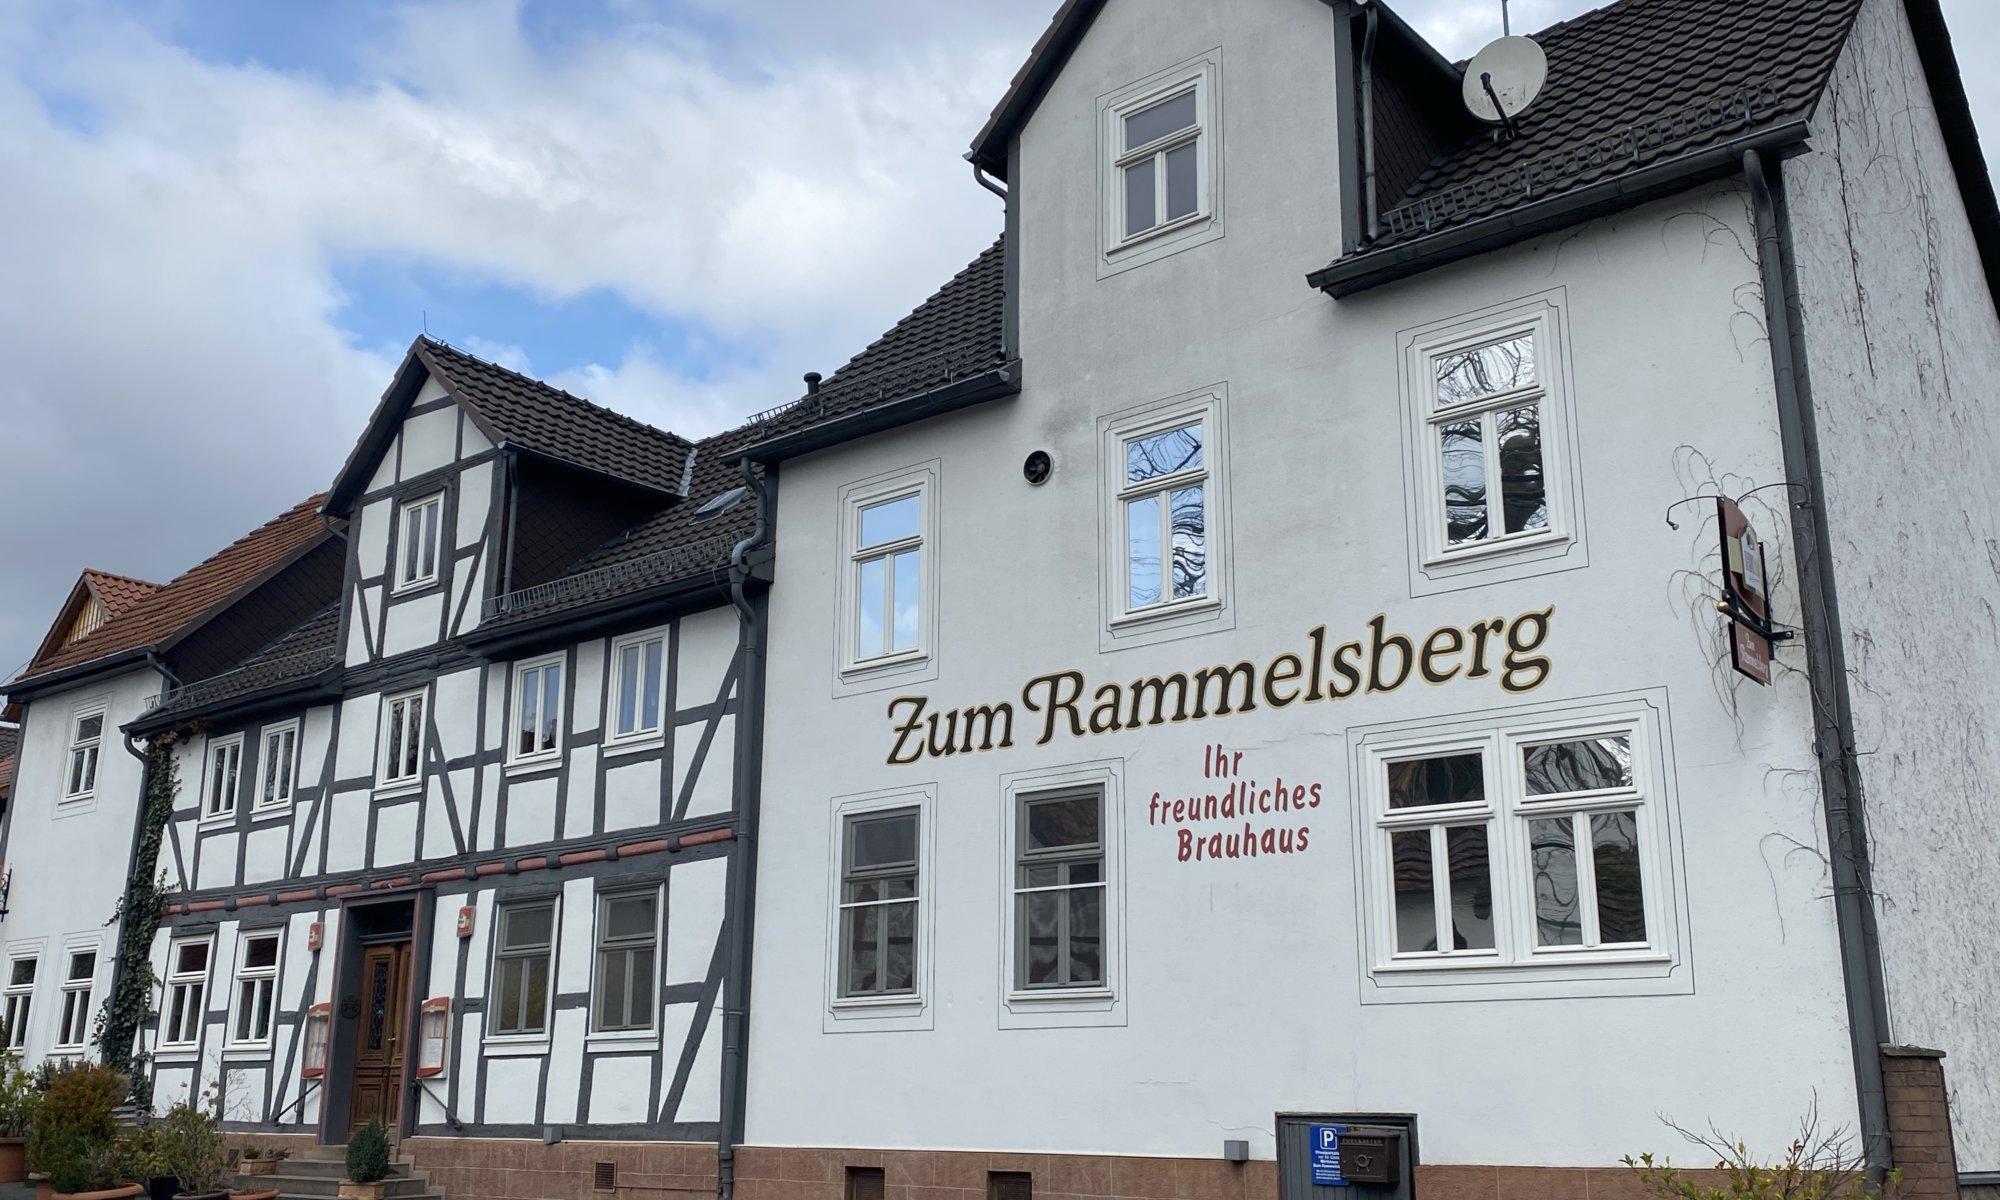 Brauhaus Zum Rammelsberg, Kassel